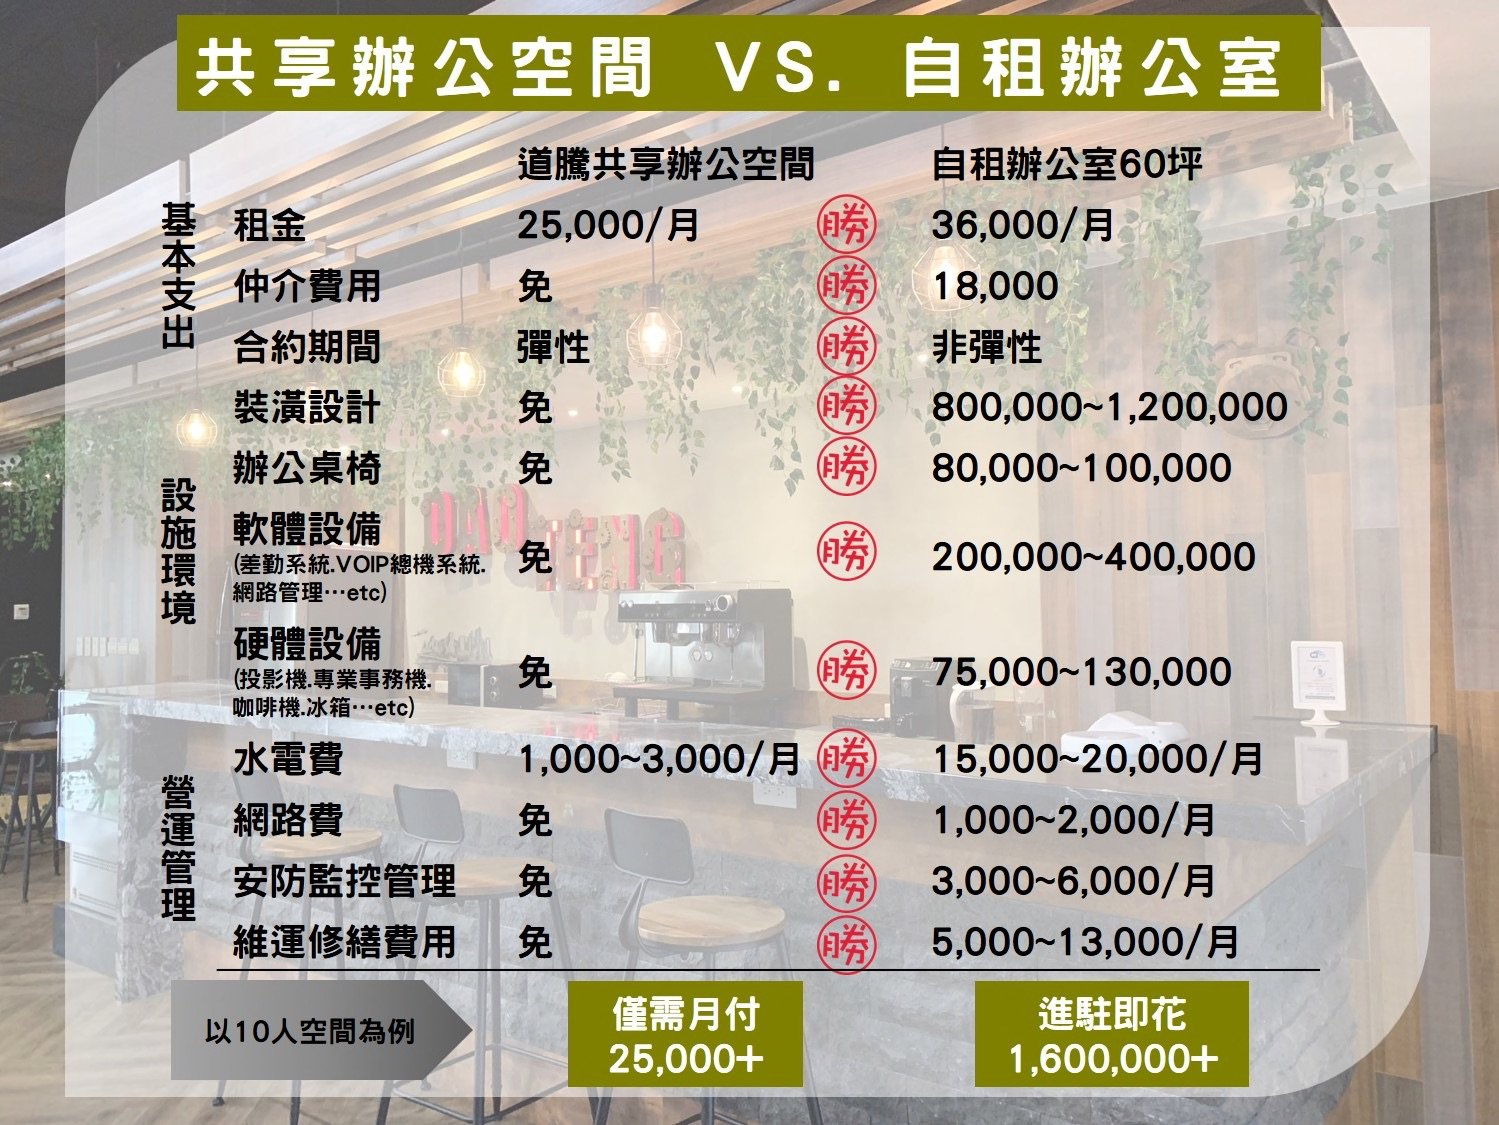 共享辦公室VS.自租辦公室 成本費用一欄表,選擇共享辦公空間對於成本上優於選擇一般傳統辦公室